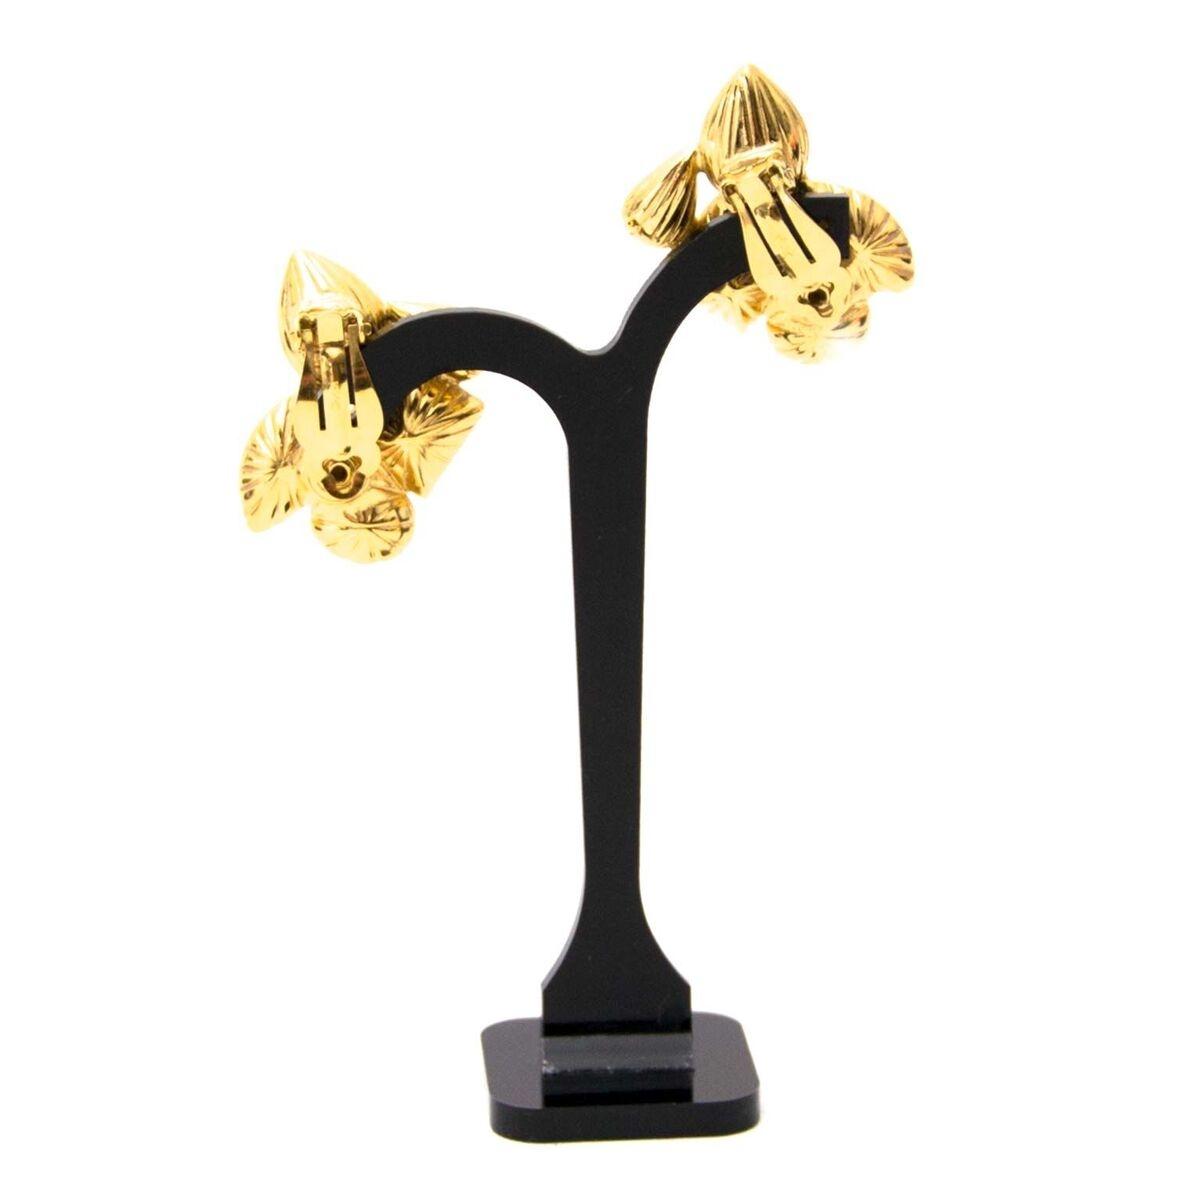 Koop authentieke tweedehands YSL oorbellen aan een eerlijke prijs bij LabelLOV. Veilig online shoppen.